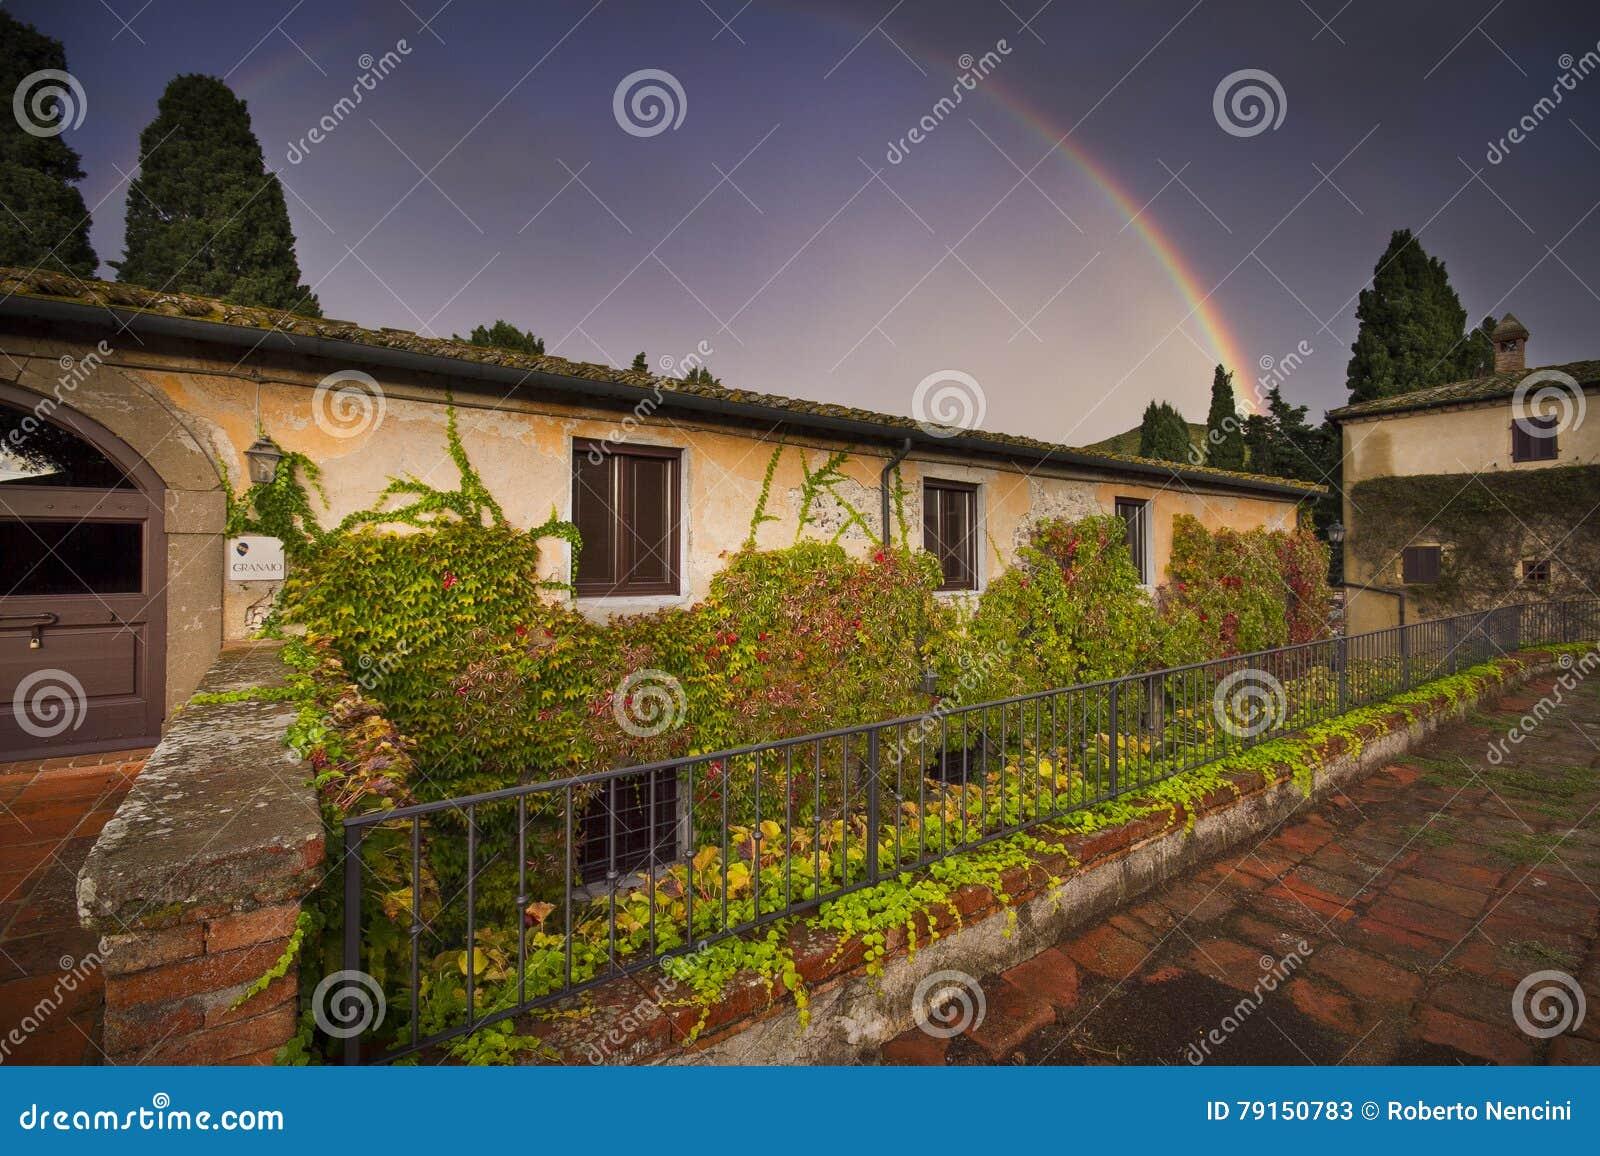 Италия, Тоскана, Пиза, Castello Ginori di Querceto